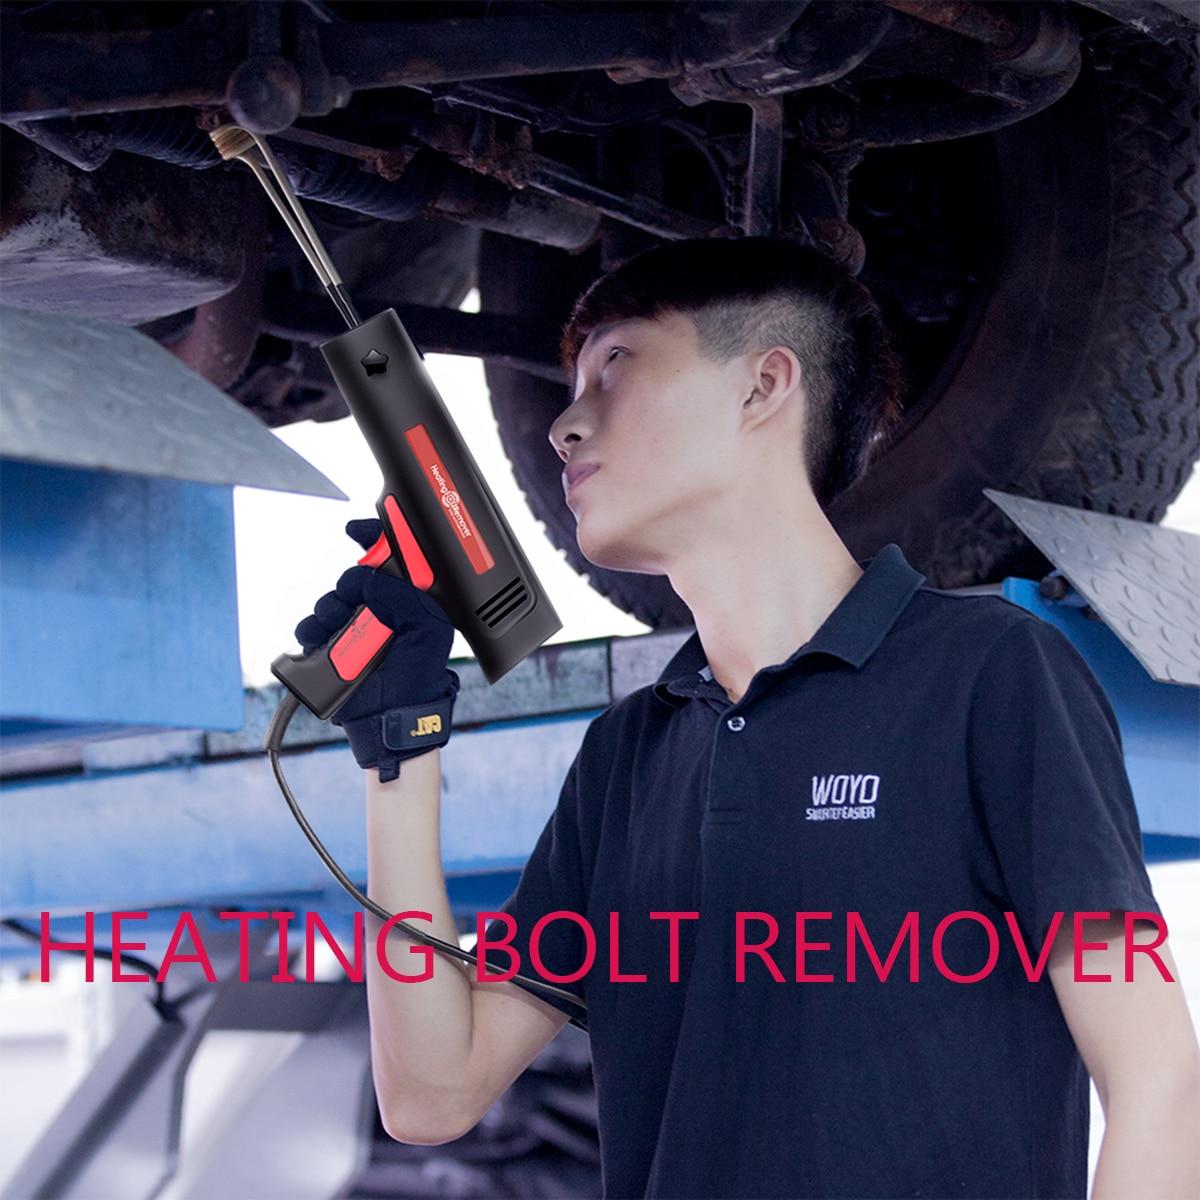 Магнитная индукционный нагреватель комплект для автомобильной Беспламенное 12V-110-220V ремонта автомобиля нагрева болт Remover